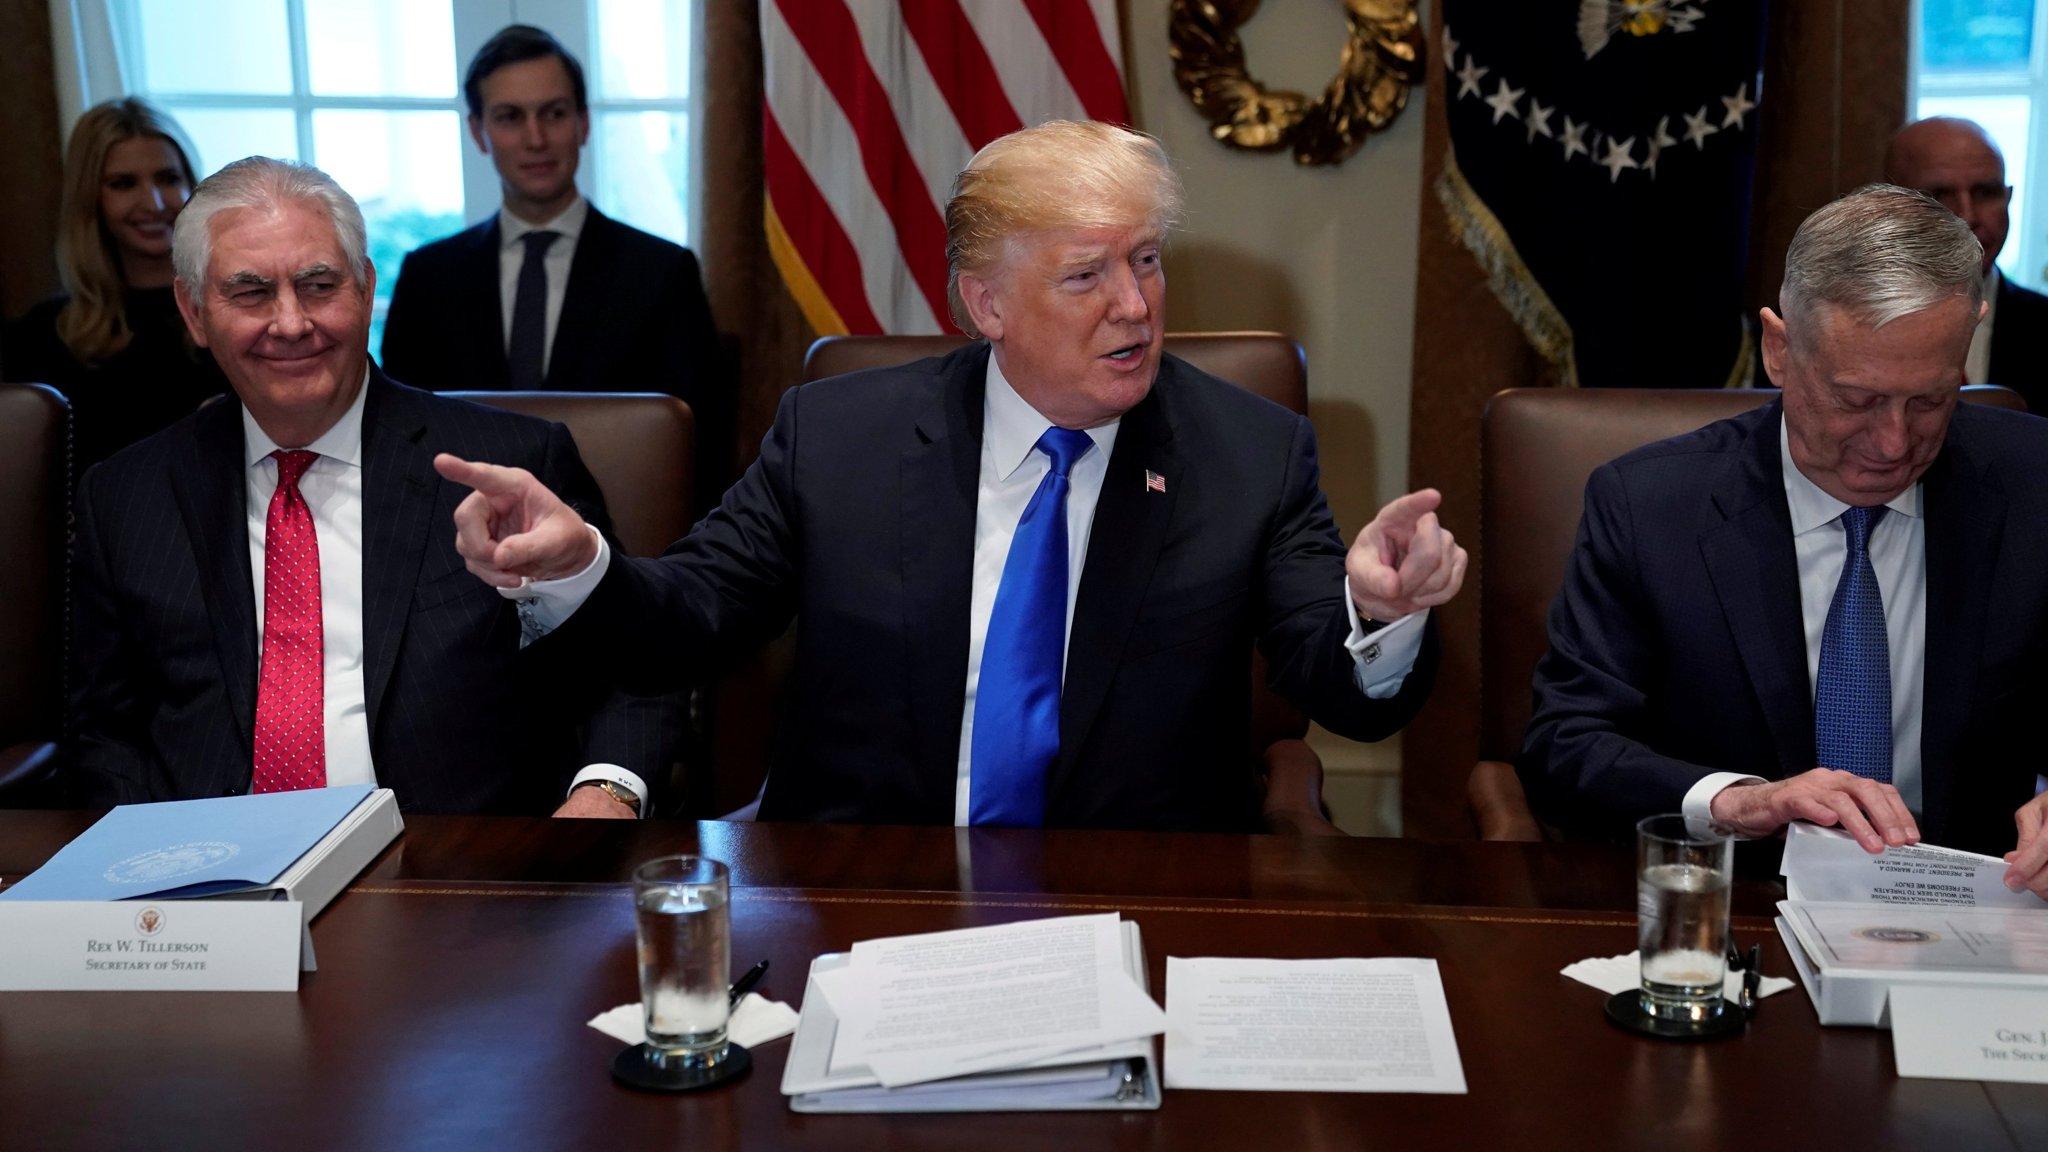 Trump tax victory sets up 2018 electoral battle